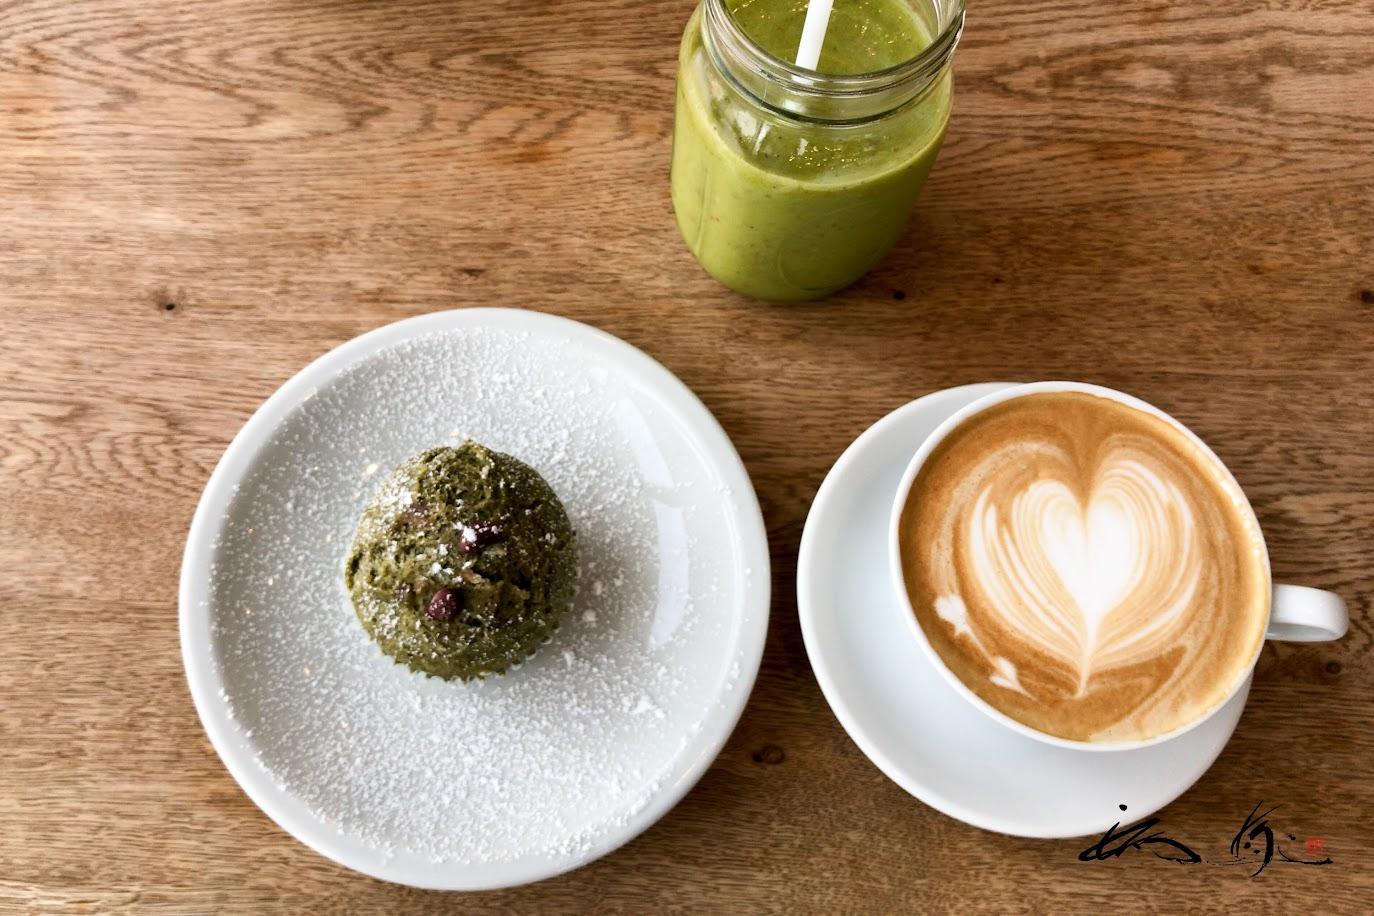 抹茶あずきの蒸しパン&ミルクたっぷりカフェラテ、季節のグリーンスムージー